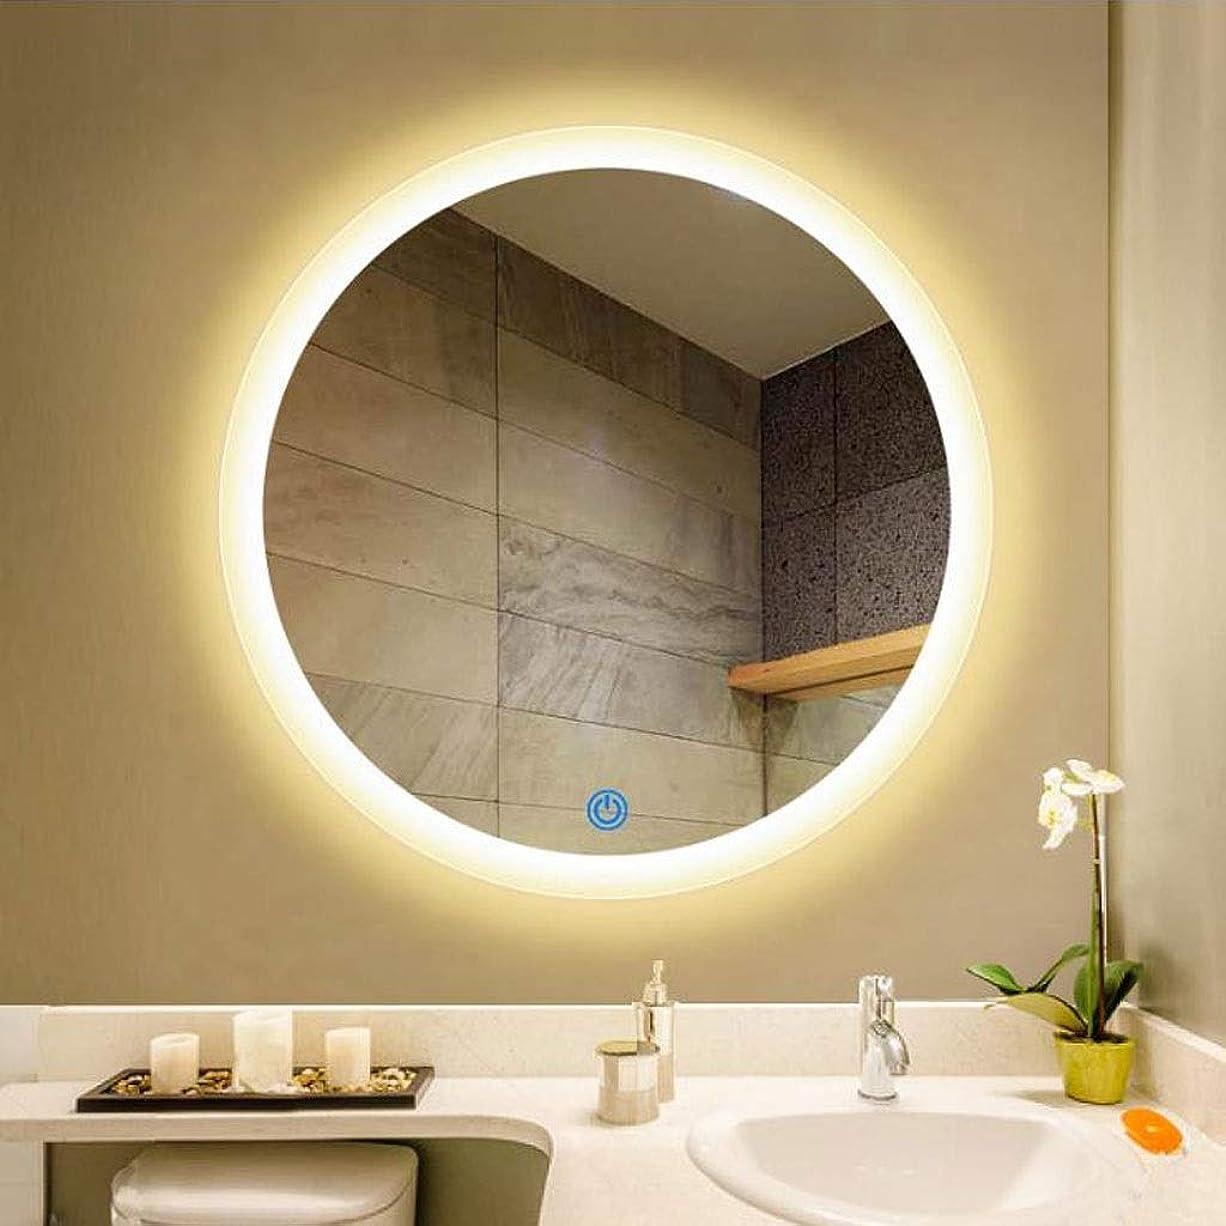 フォーラム単独で爆弾センサータッチコントロールアンチフォグ、暖かいライト、60センチメートルとバニティミラー、壁掛けミラー丸型イルミネーションLEDライト浴室ミラーメイクアップミラーのウォールマウント